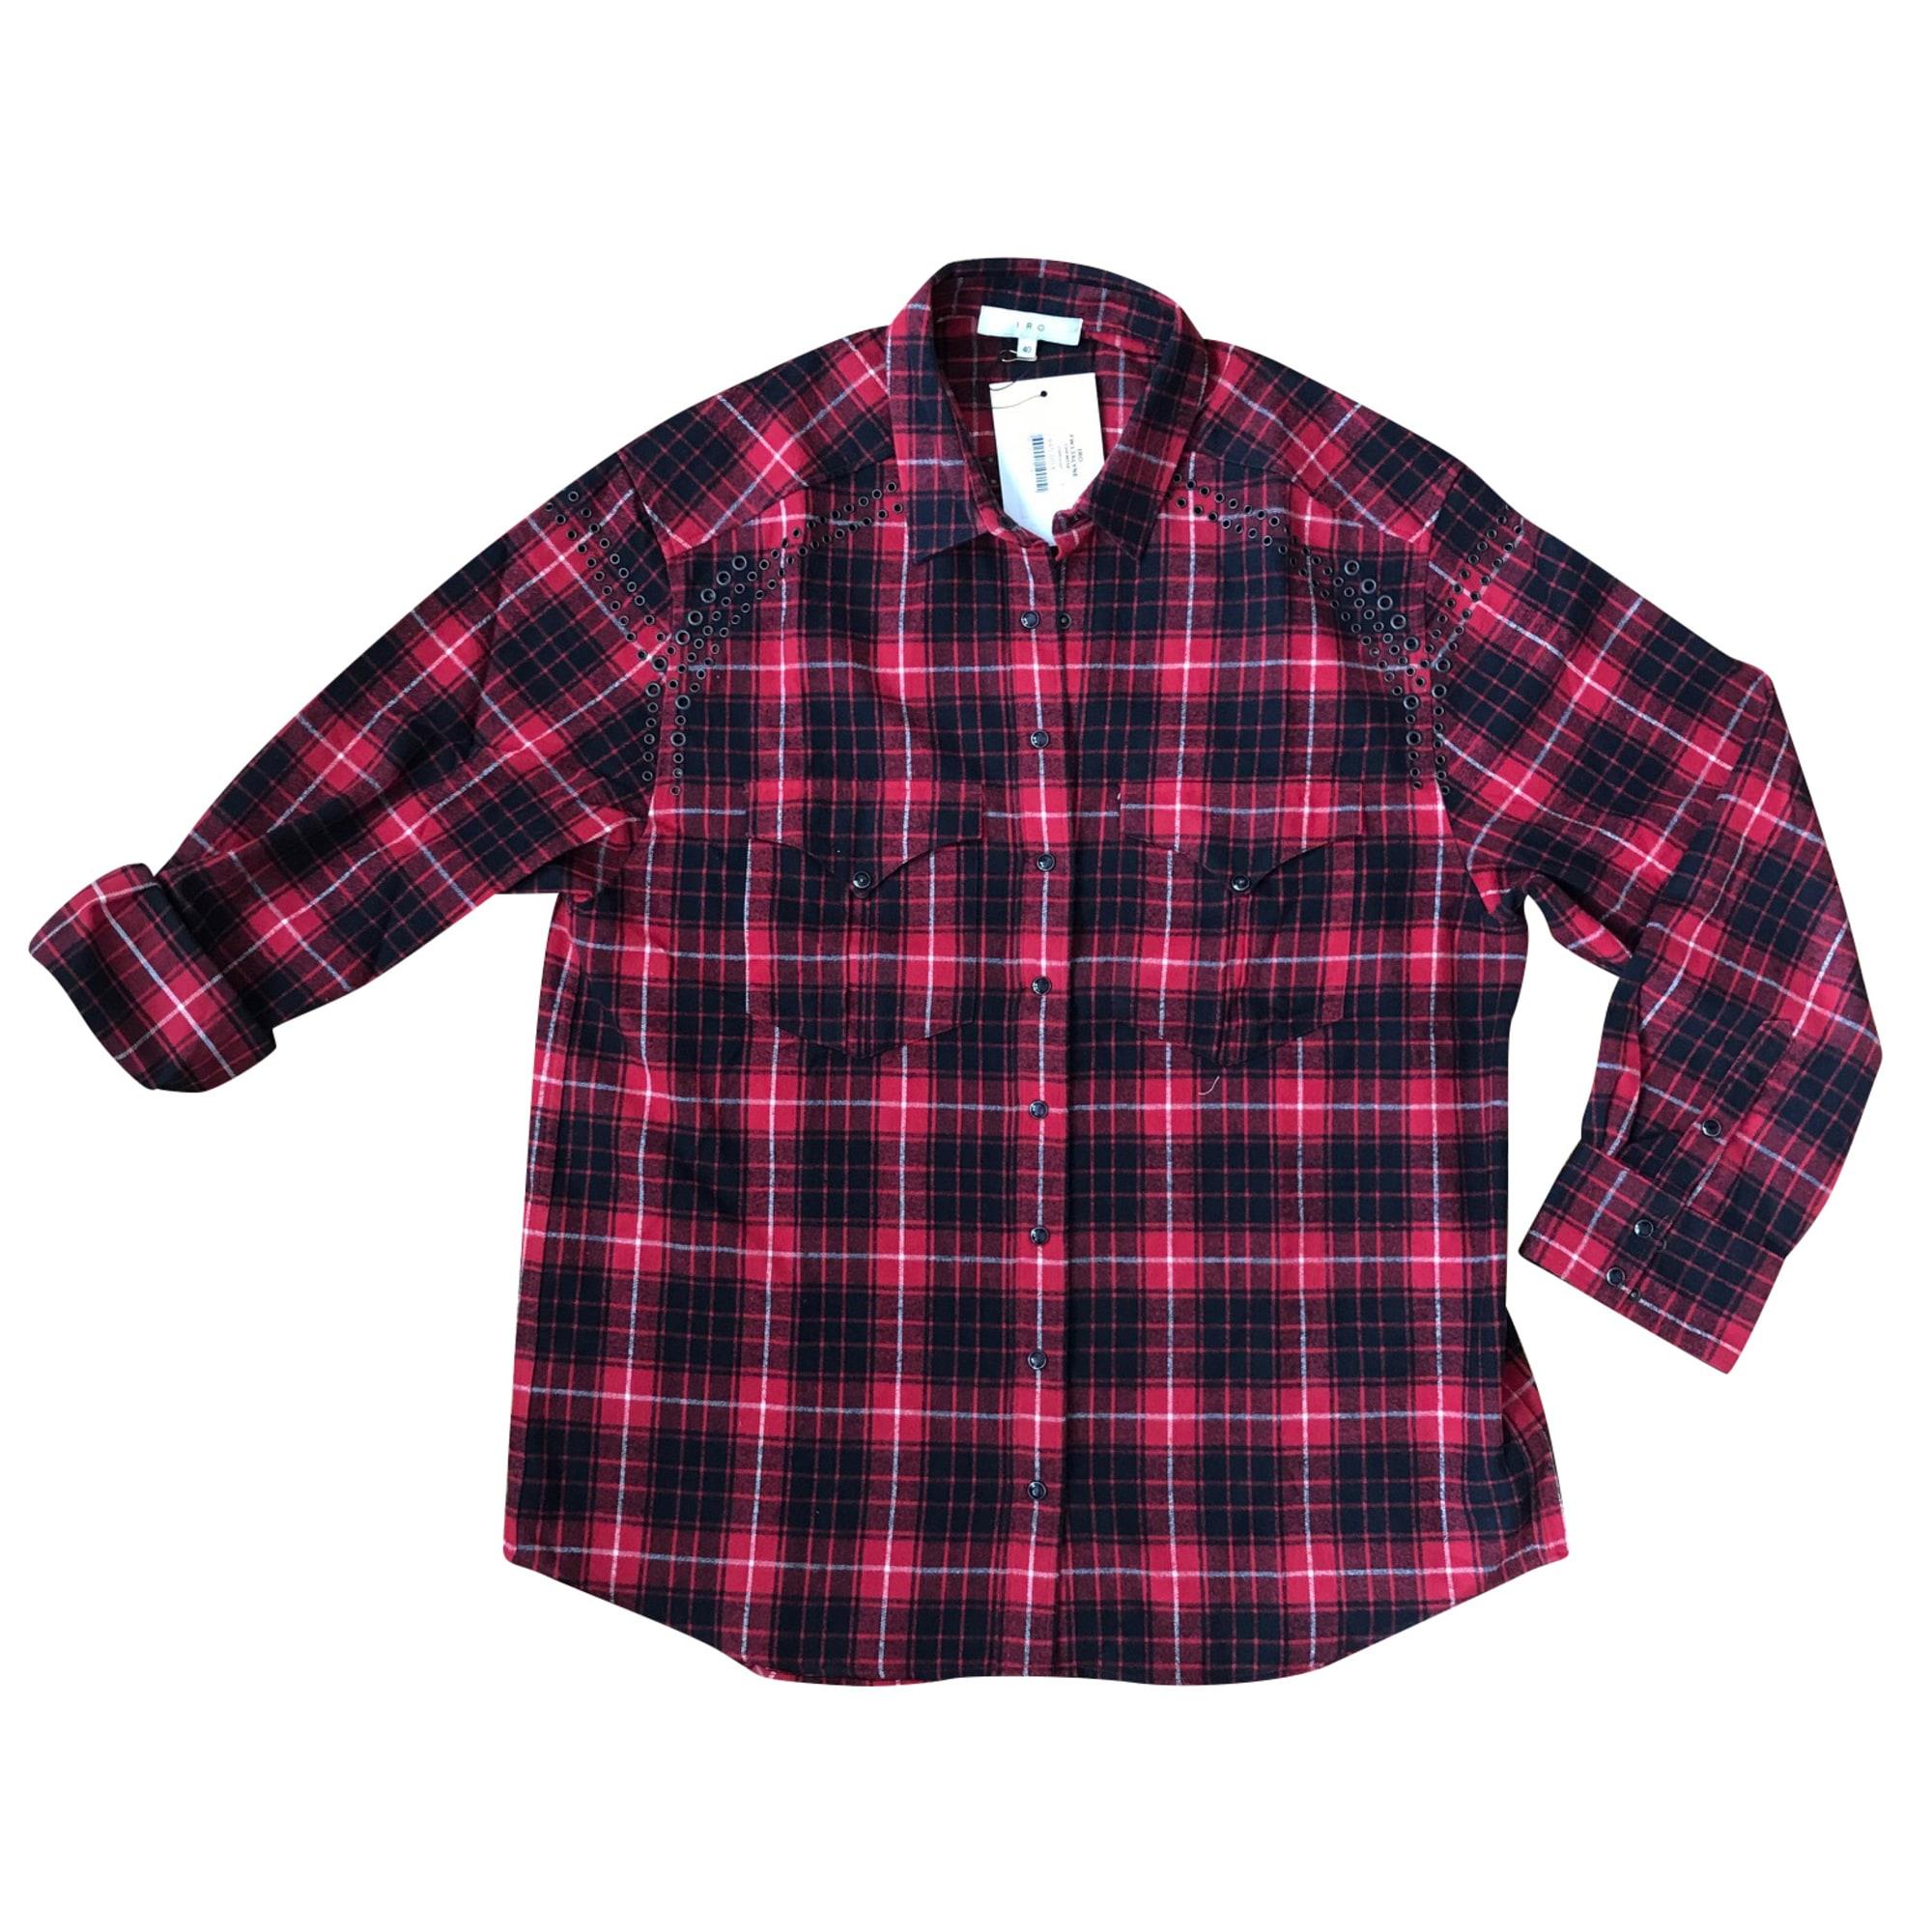 Shirt IRO Red, burgundy